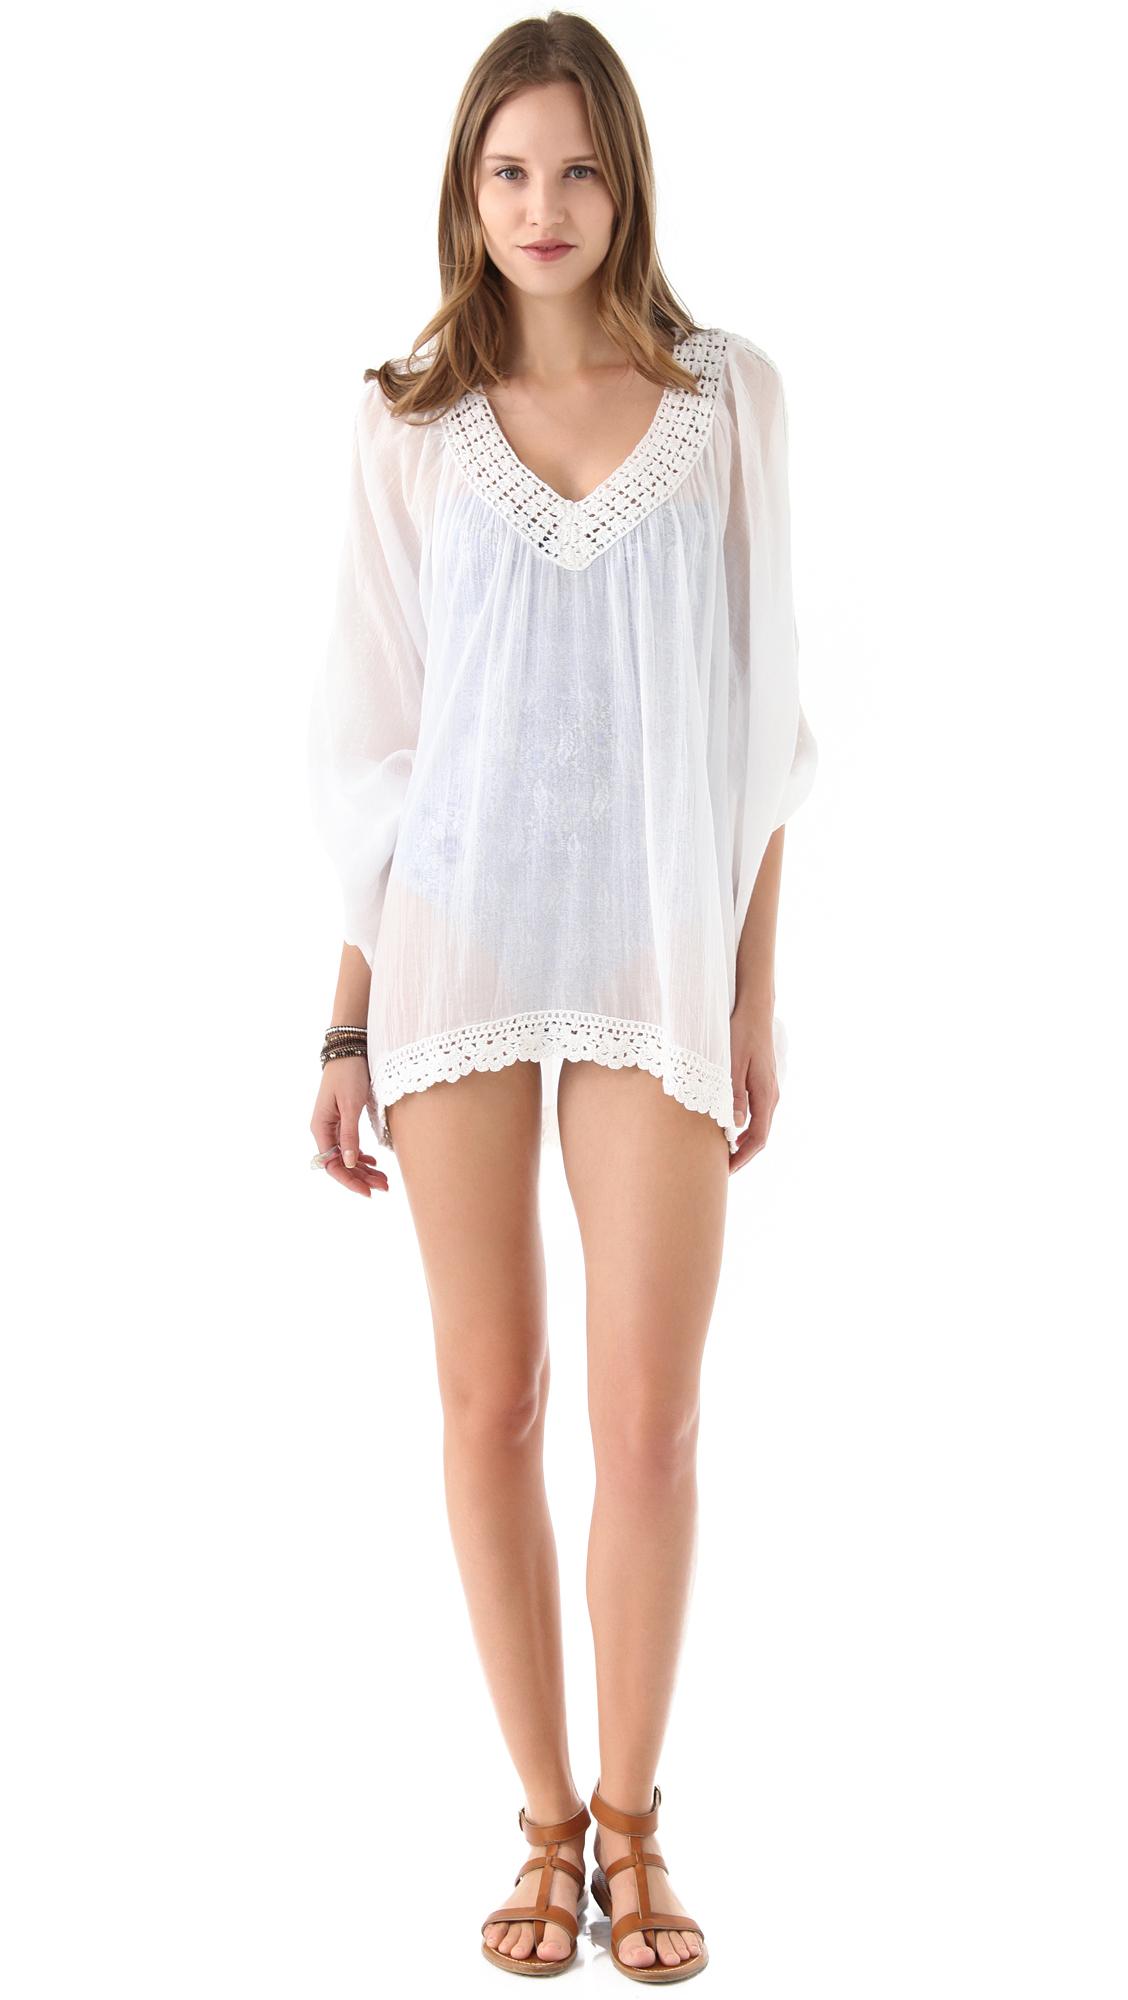 Ondademar Crochet Cover Up Dress In White